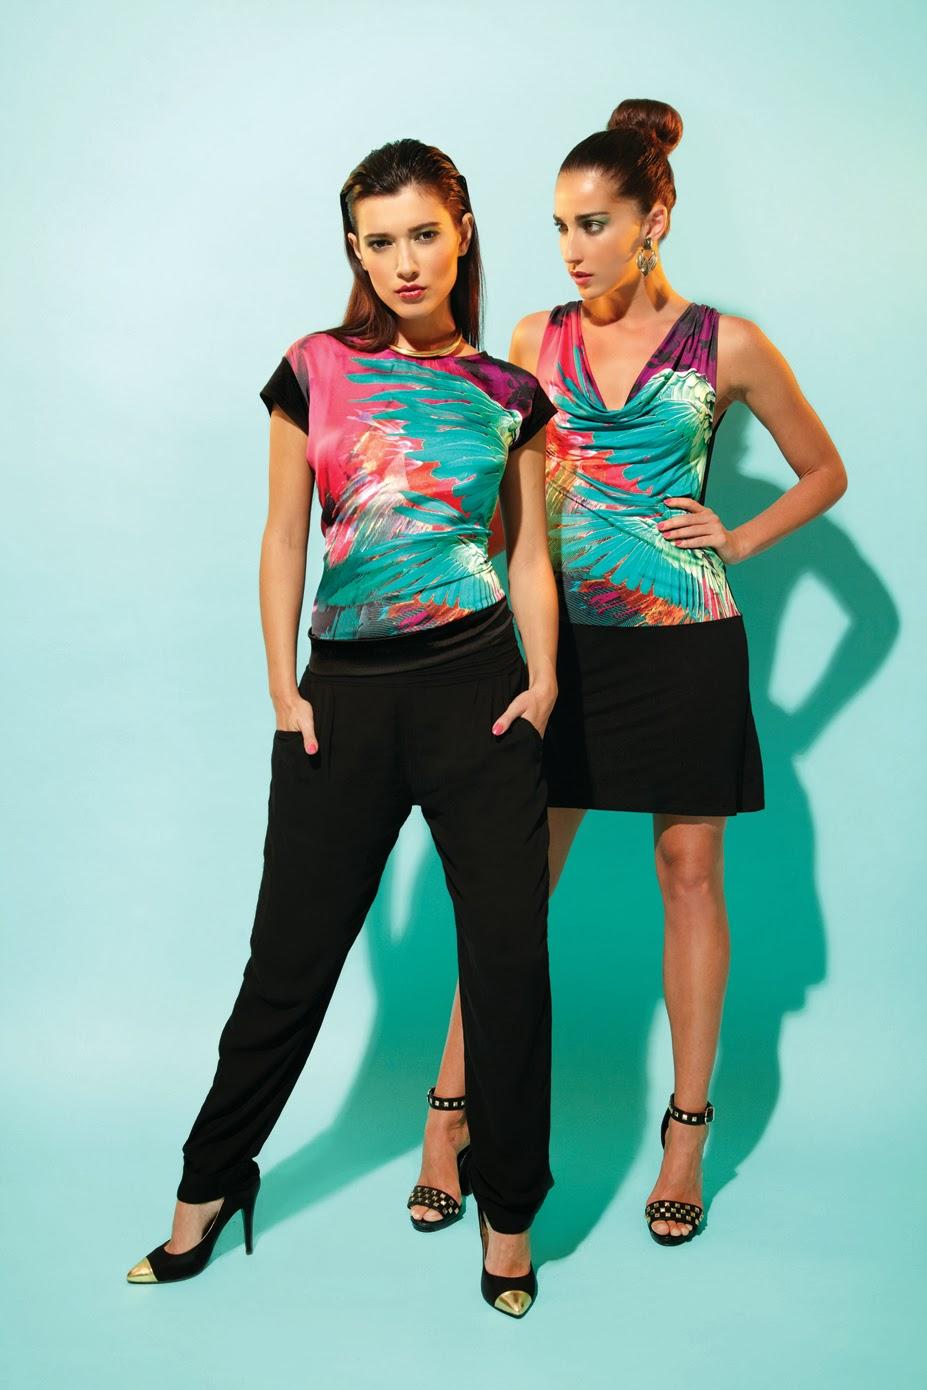 eb2b06a6374 Smash se inspira en Brasil para su nueva colección Tropicalia para esta  primavera-verano 2014 - Ediciones Sibila (Prensapiel, PuntoModa y Textil y  Moda)